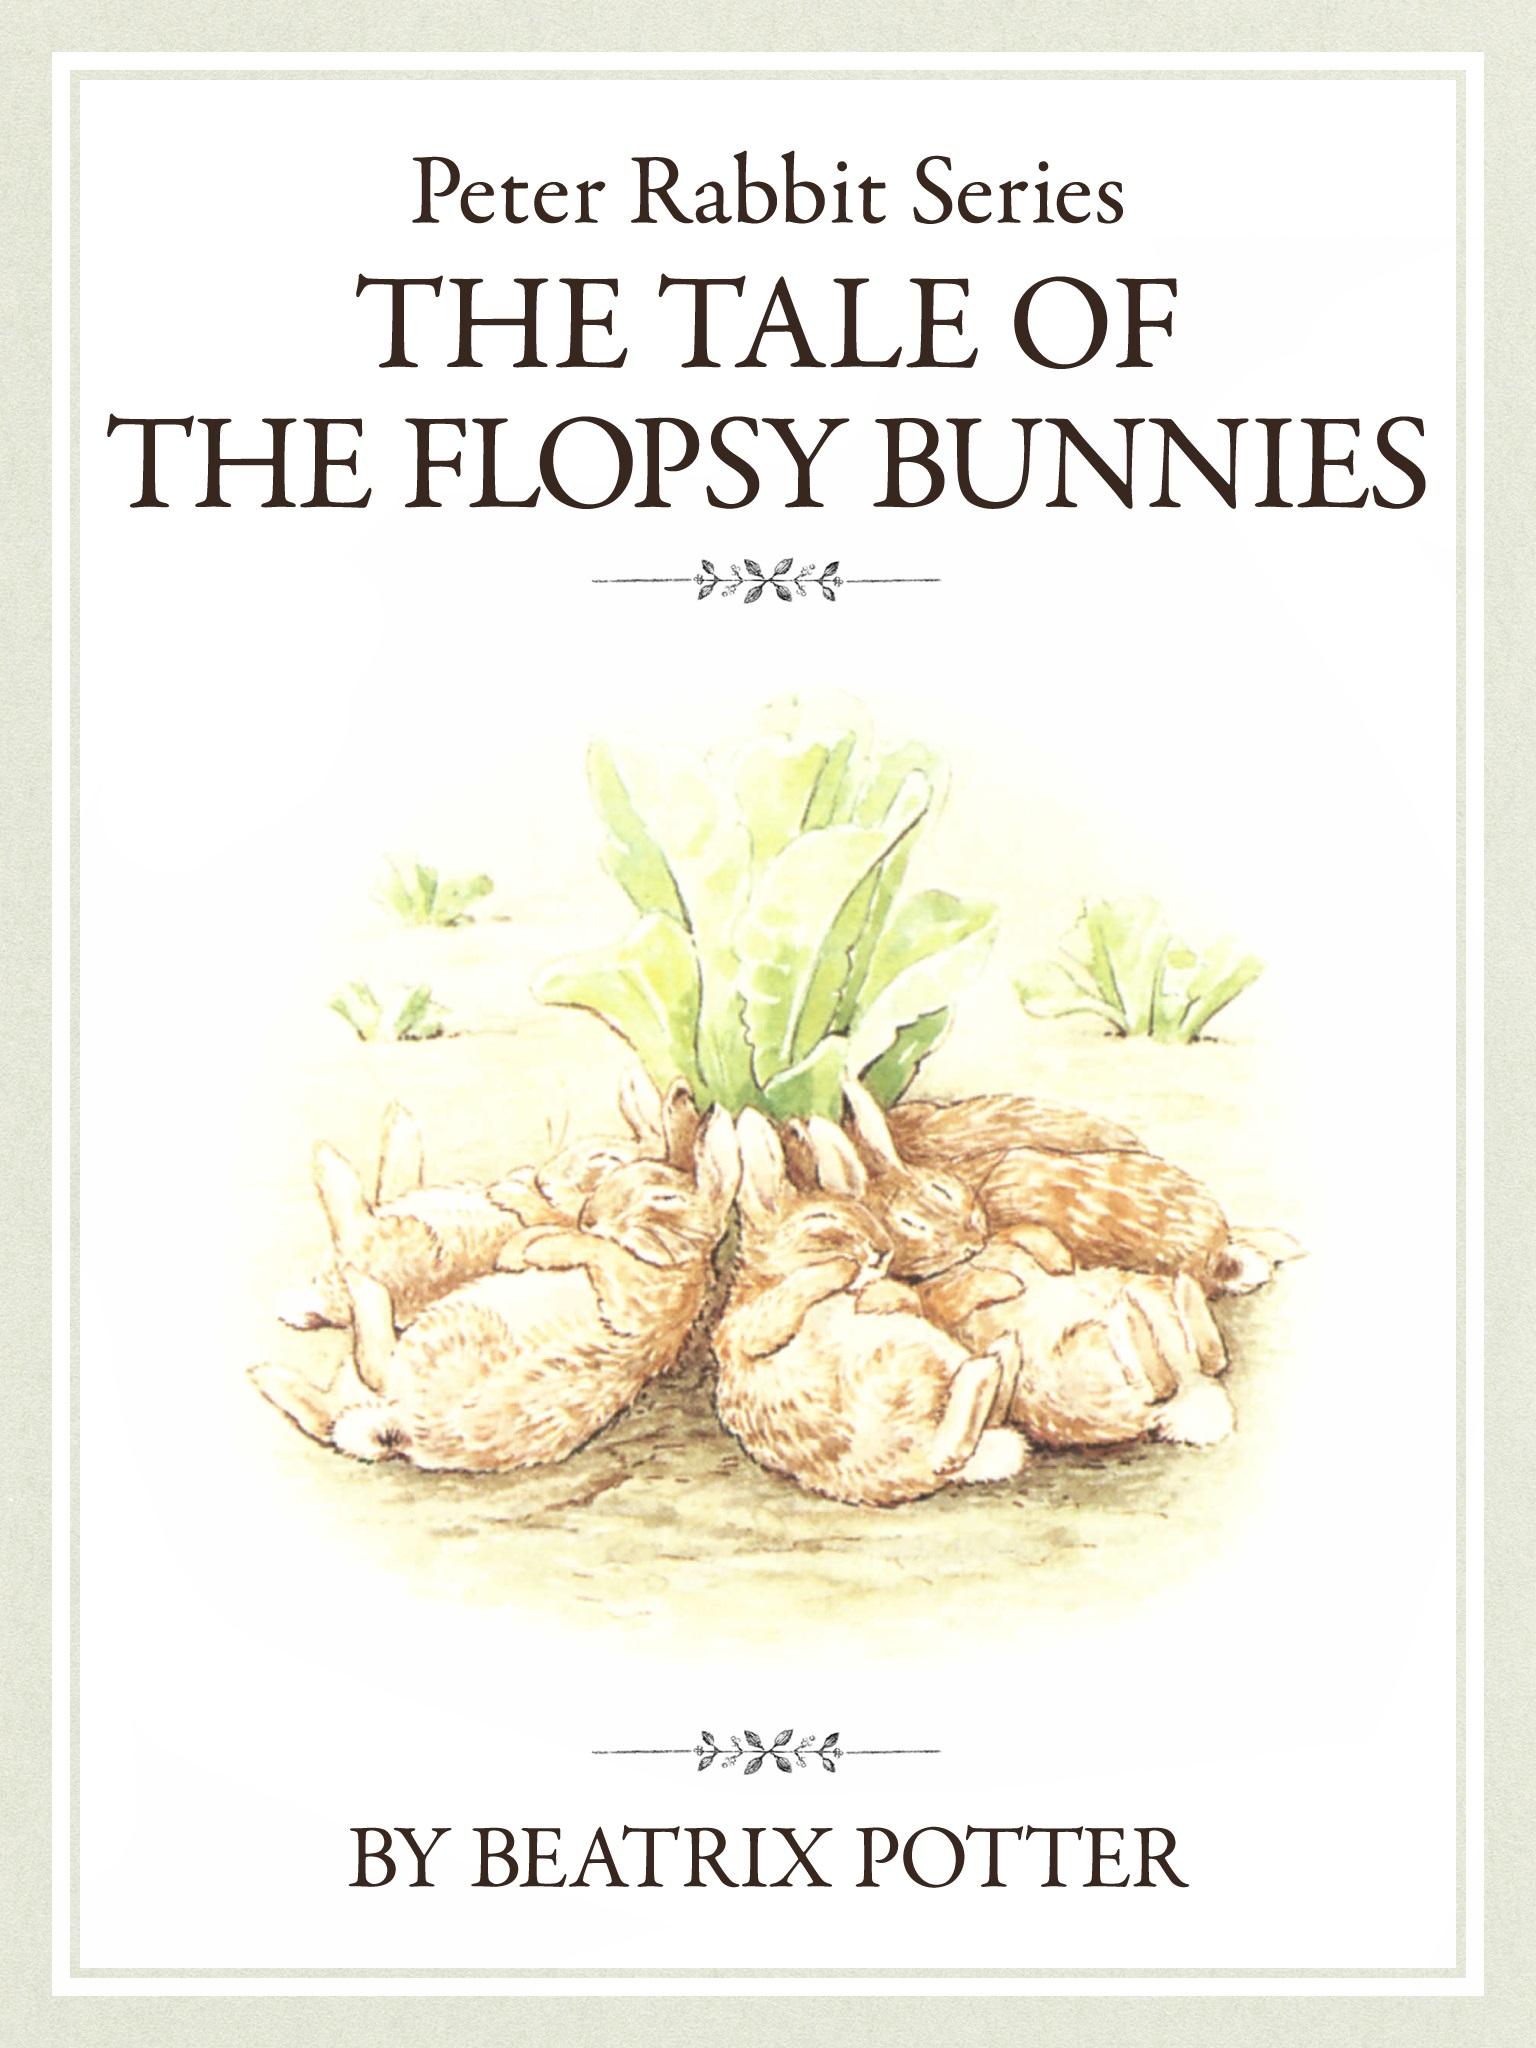 ザ ピーターラビットシリーズ3 THE TALE OF THE FLOPSY BUNNIES